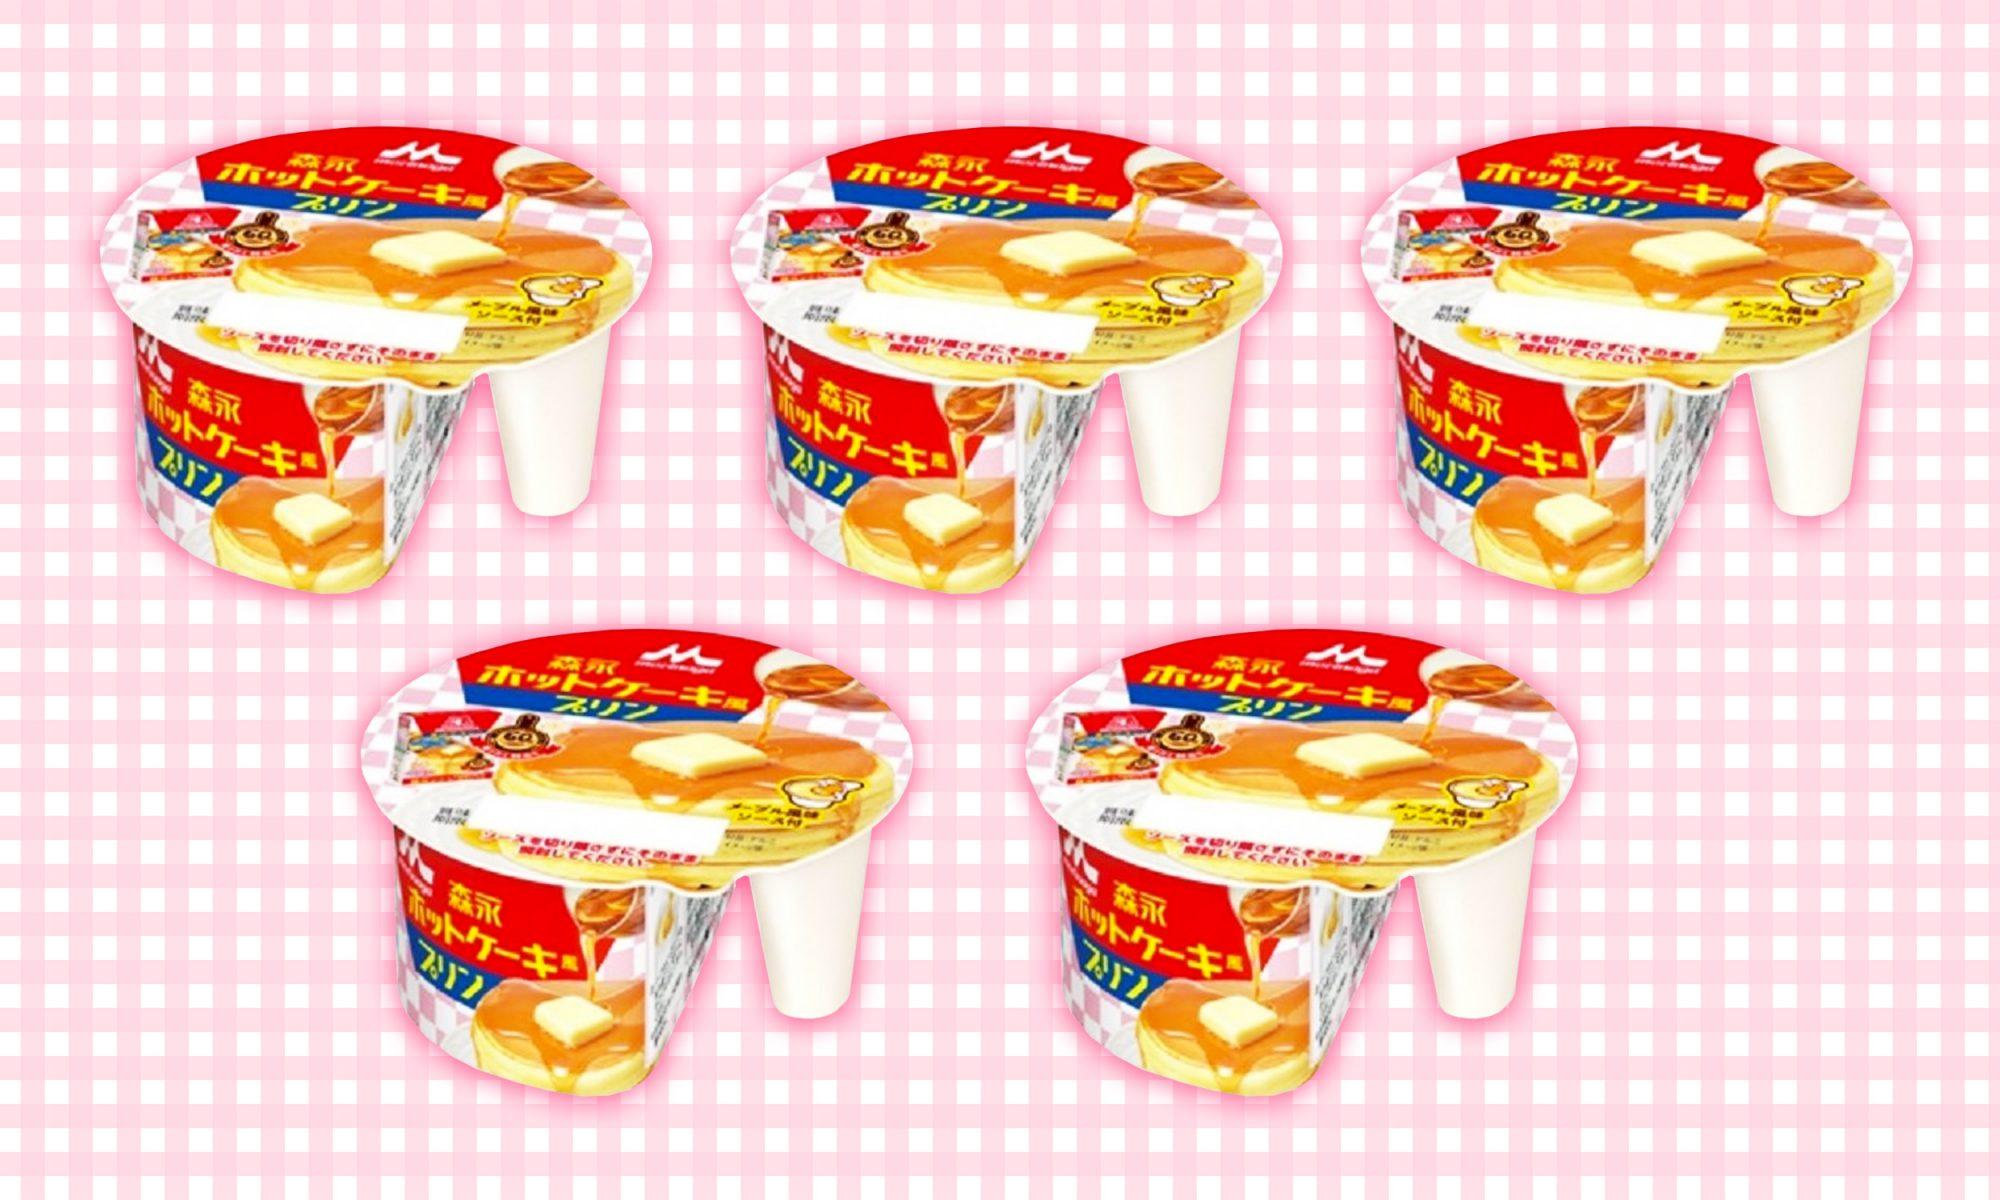 EC: Pancake Pudding Is Coming to Japan